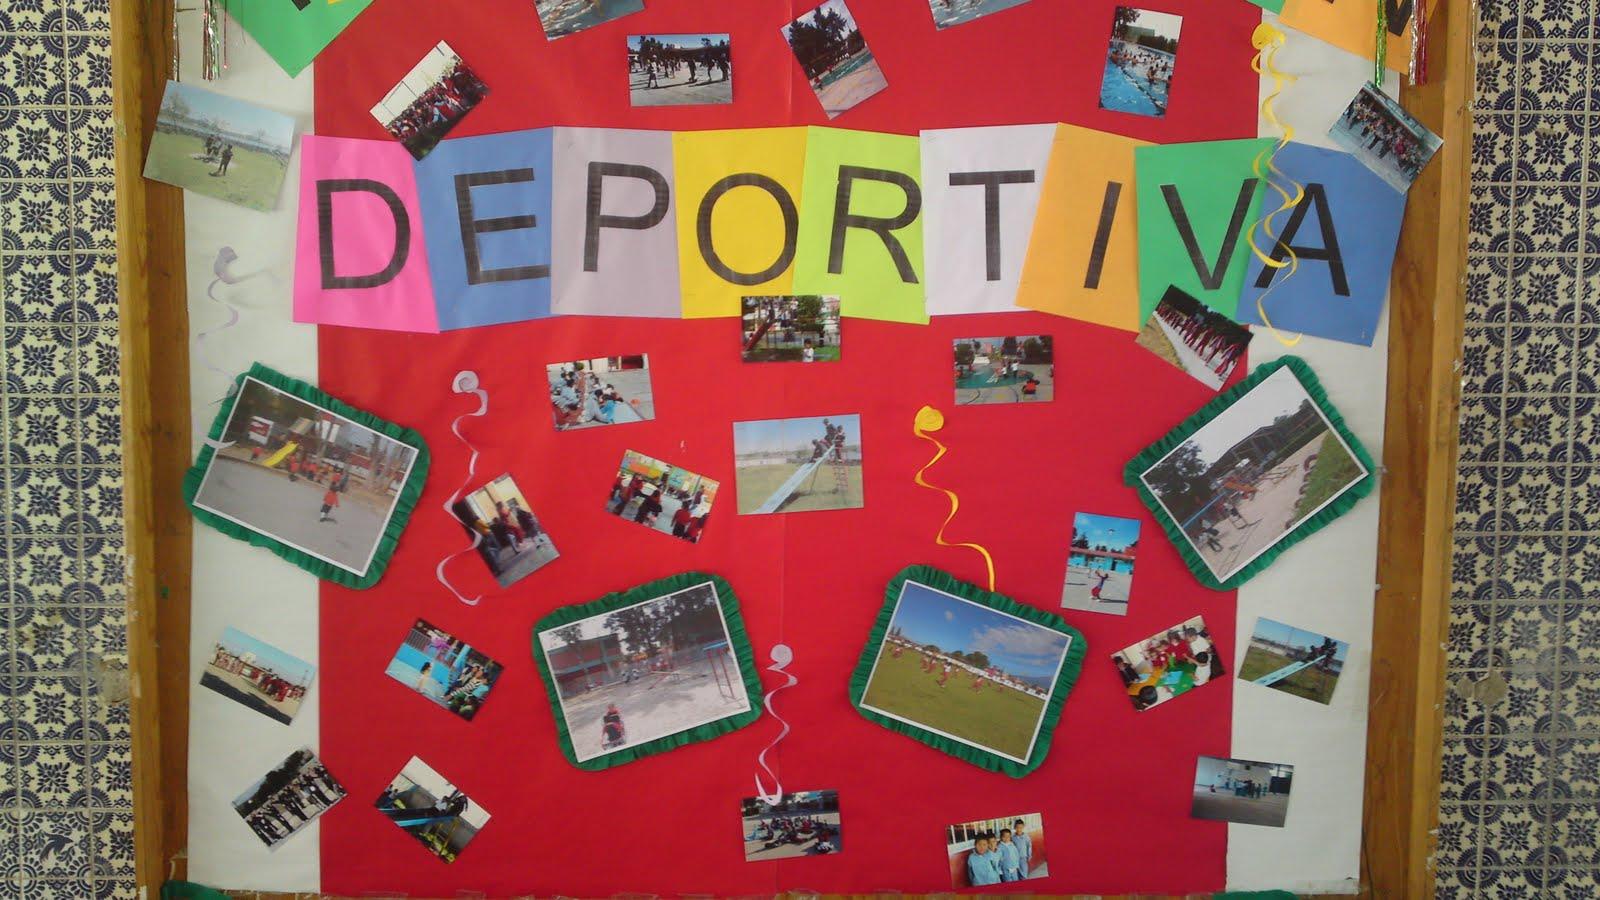 Enef noticias 1 09 11 for Deportes para el periodico mural